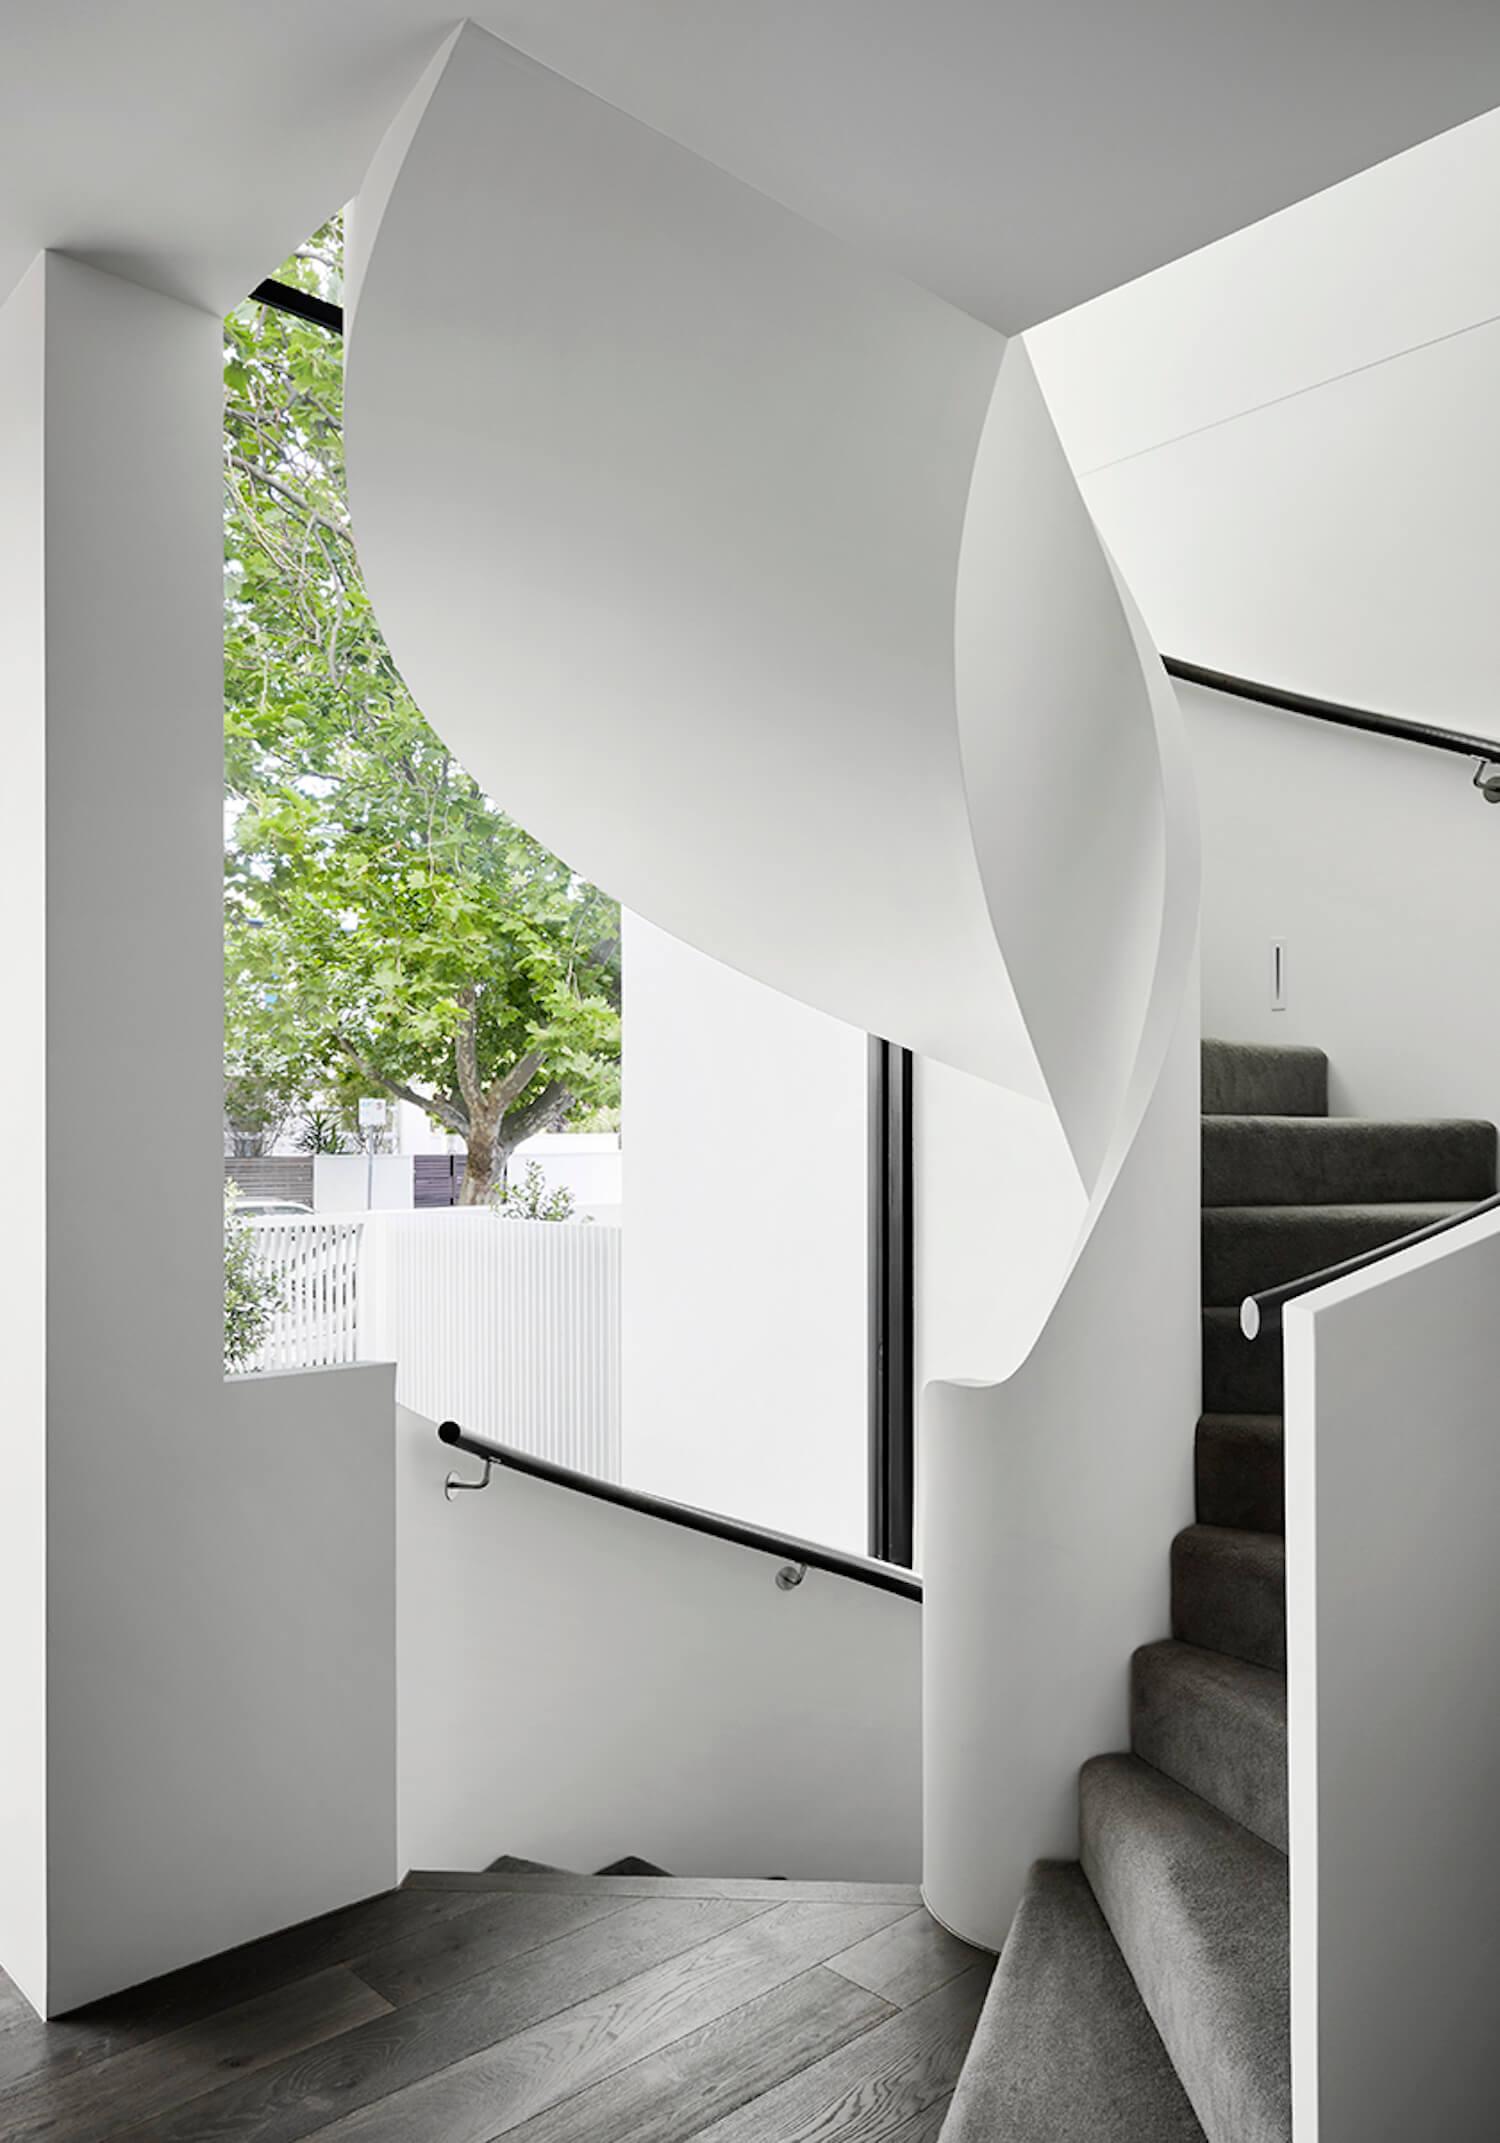 est living brighton townhouse sisalla interior design 6 1